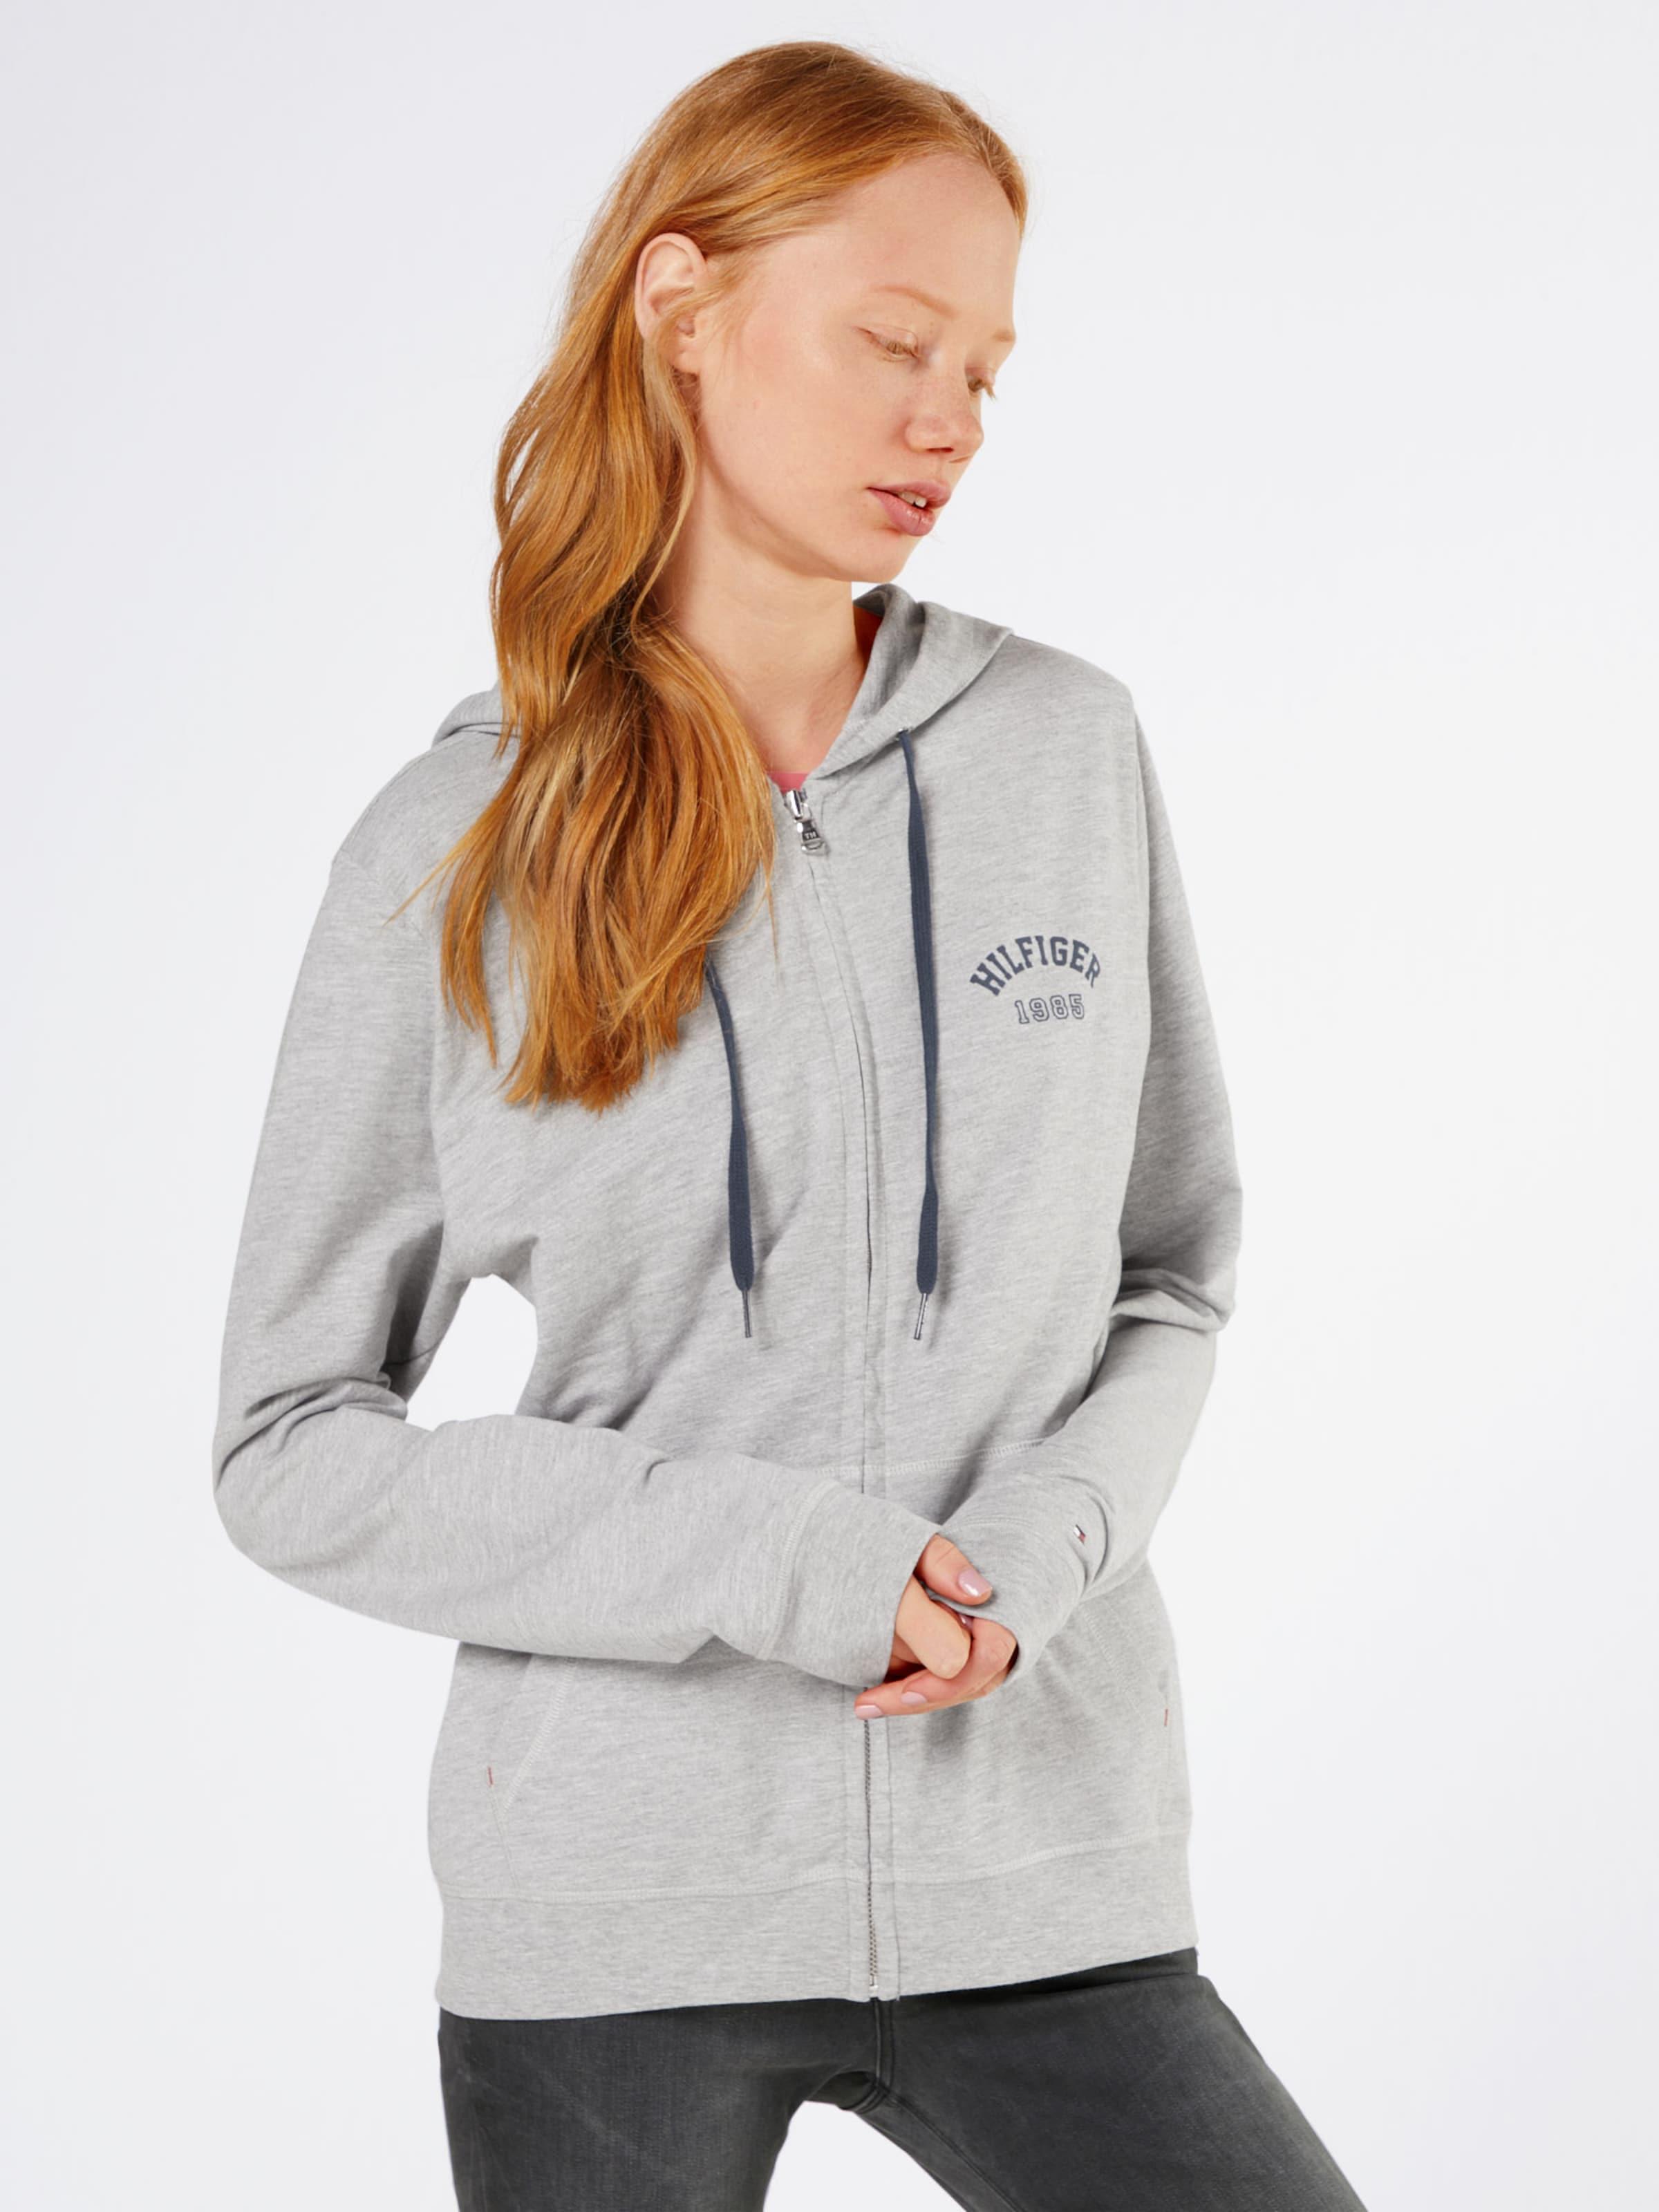 Erstaunlicher Preis Günstiger Preis Einkaufen Tommy Hilfiger Underwear Hoodie 'Iconic Lightweight Knit Zipthru' Insbesondere Rabatt 6t9ma